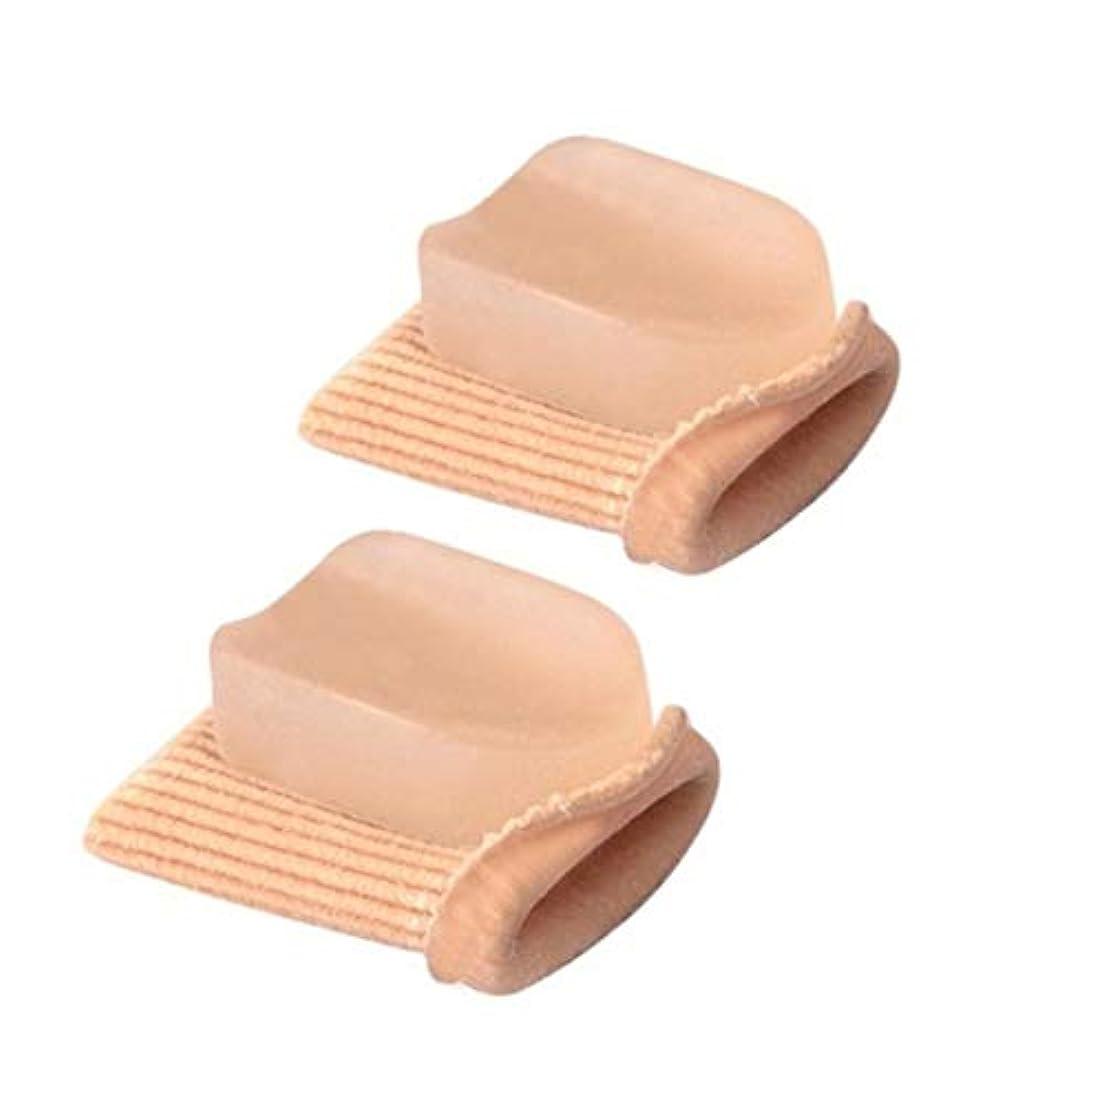 永続風変わりな取り除く高弾性つま先ストレート矯正ハンマーつま先外反母gus矯正包帯つま先セパレーターフットケア包帯